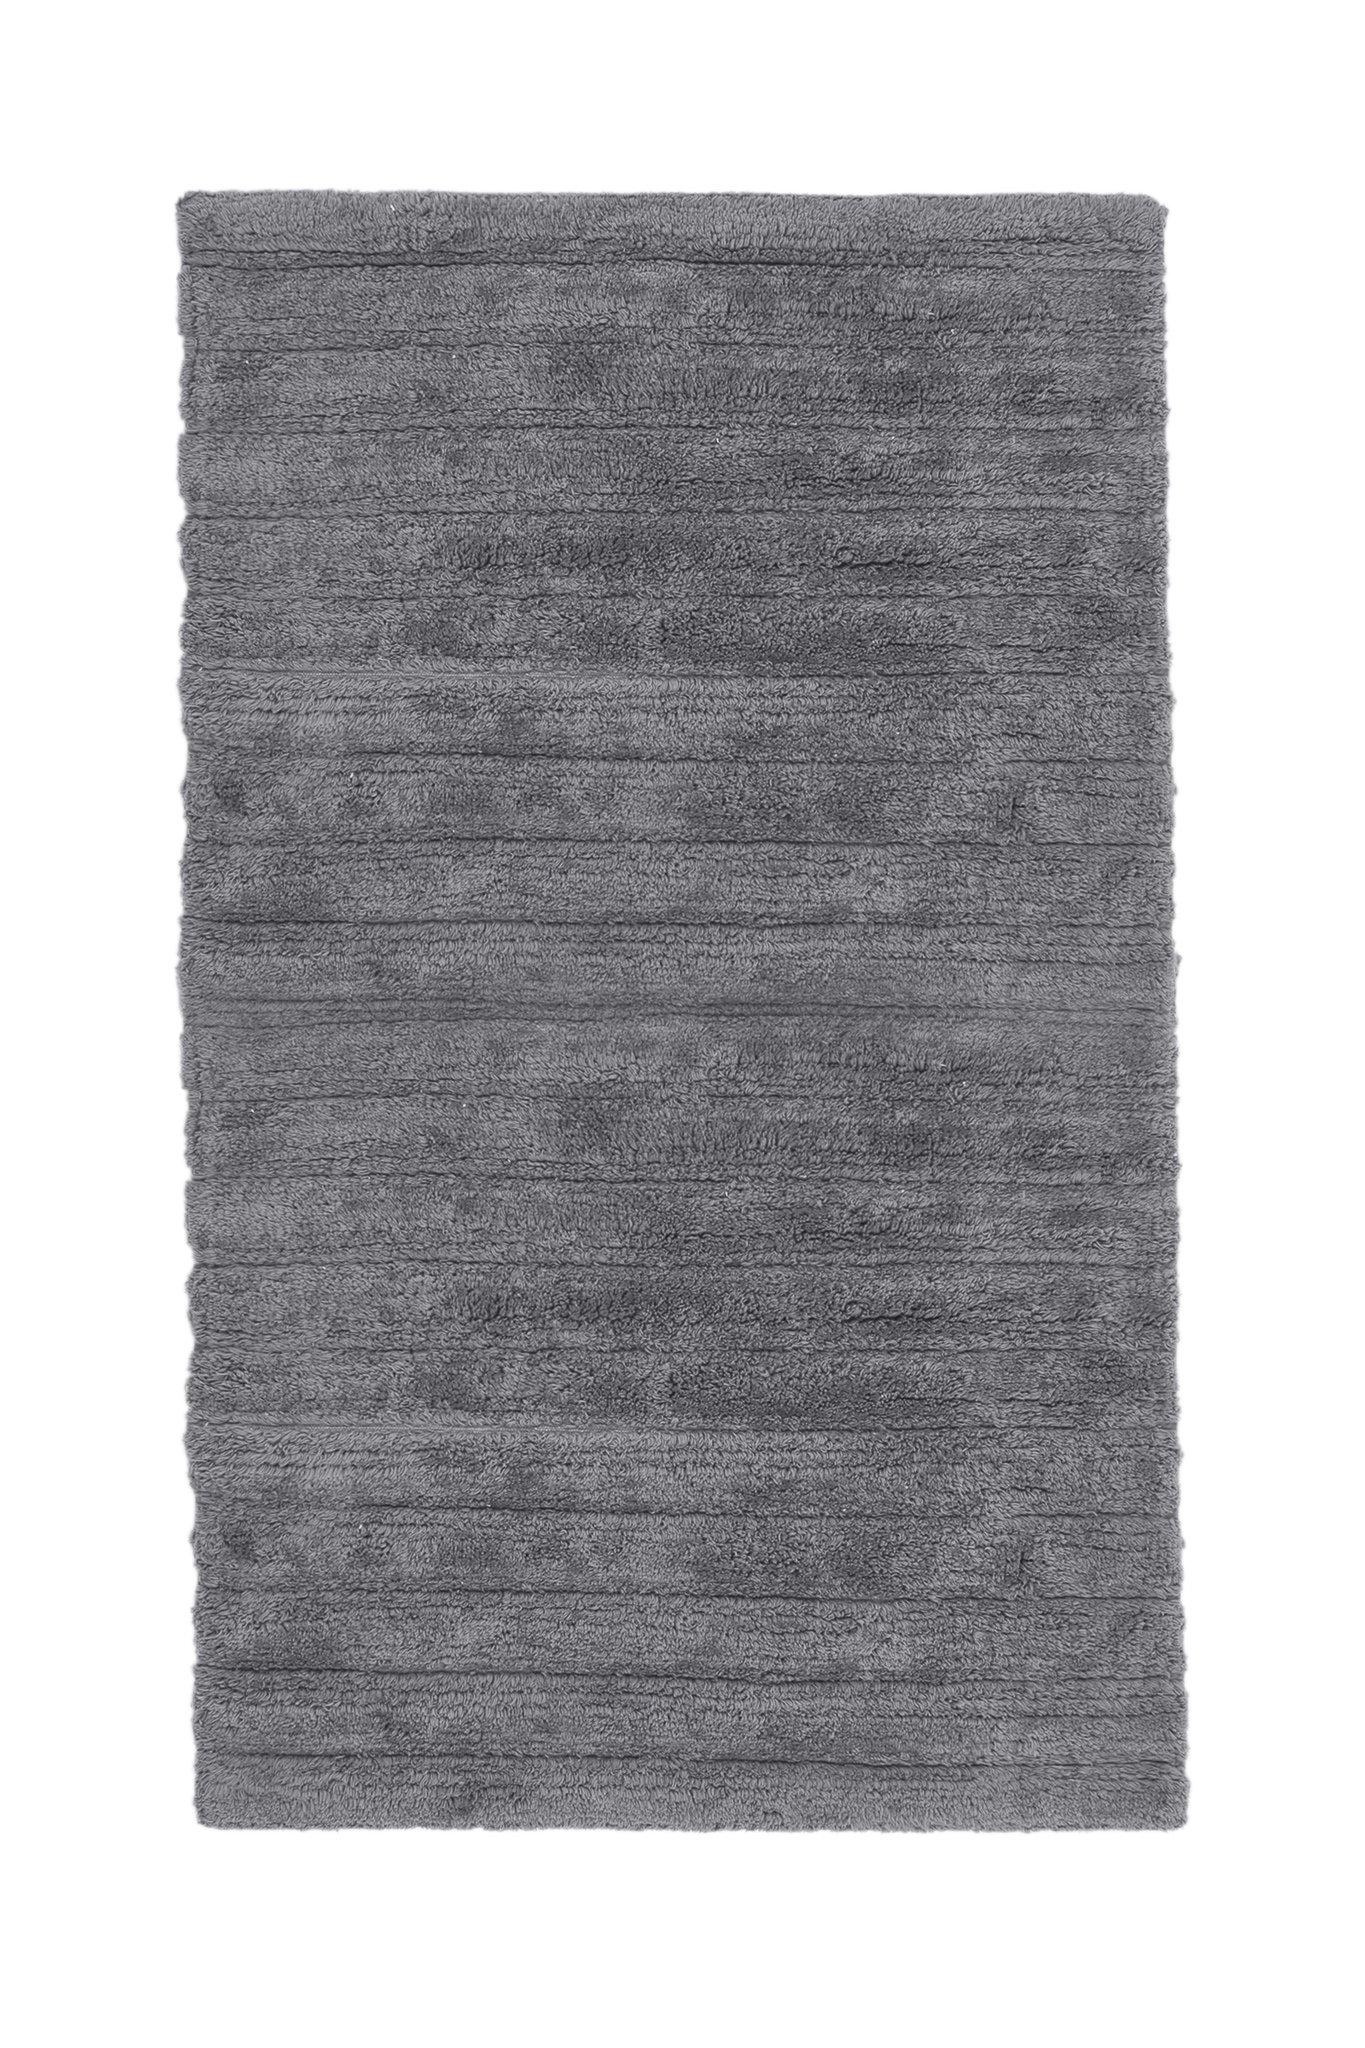 Vivienne Badematte 70x120 Antracite